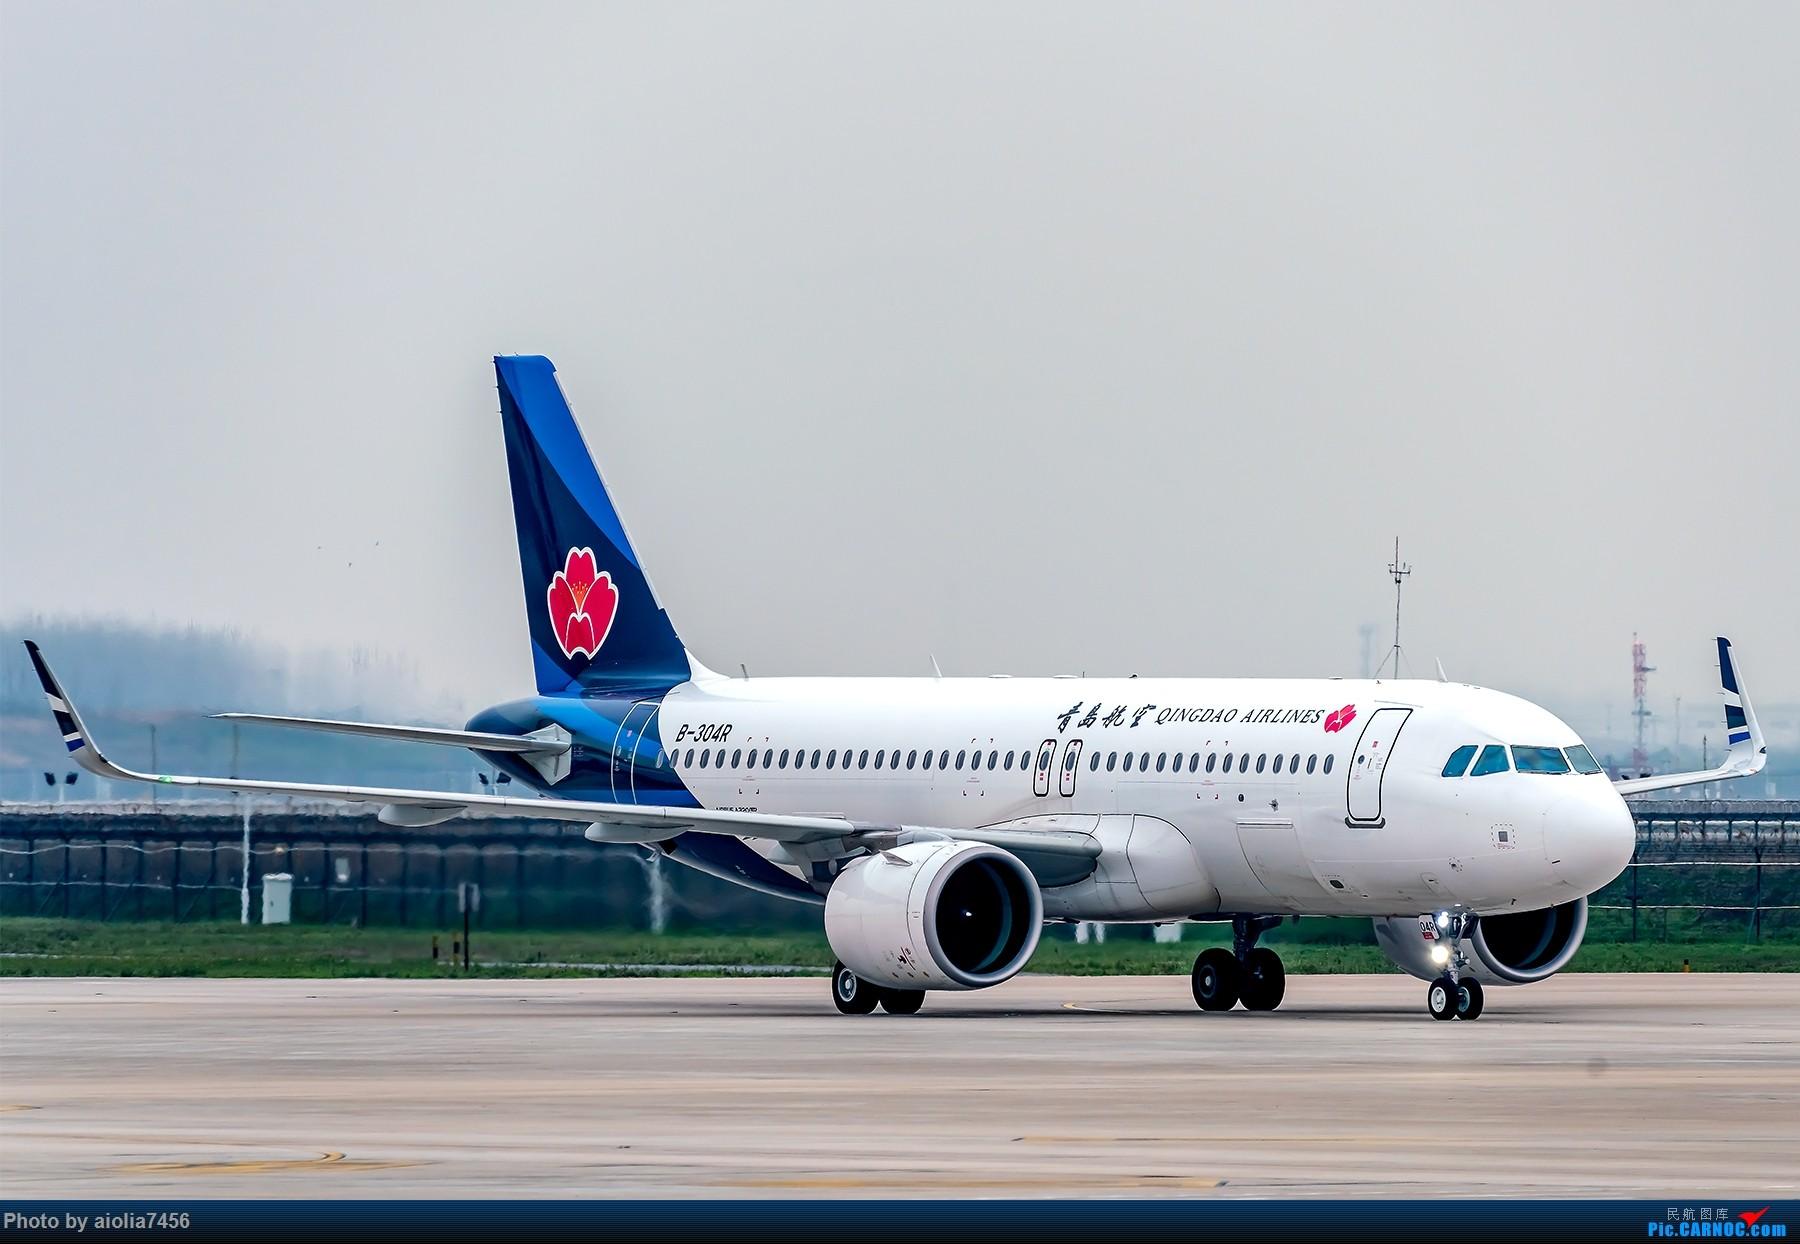 Re:[原创]{霸都打机队}儿子说,合肥为什么没有大飞机?(手动尴尬) AIRBUS A320NEO B-304R 中国合肥新桥国际机场